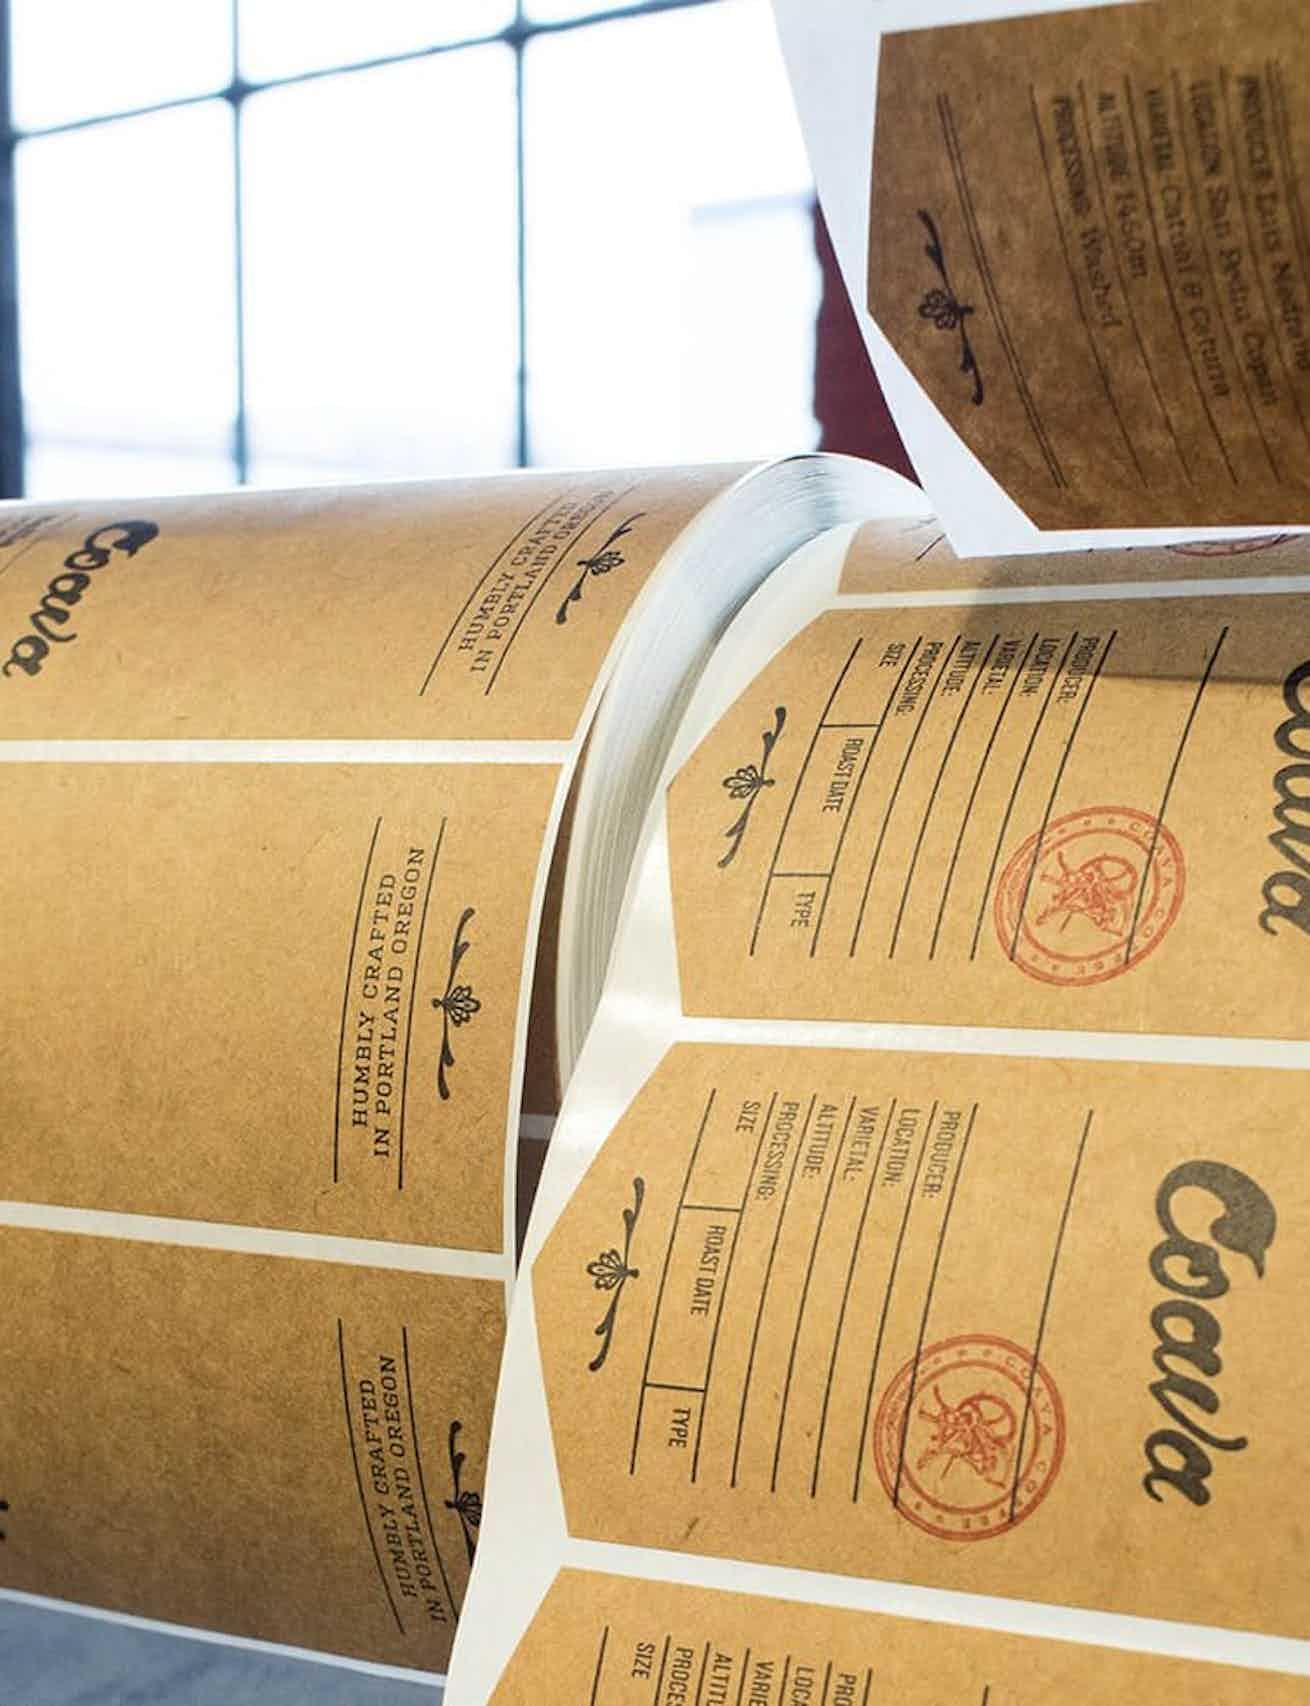 Coava Coffee labels